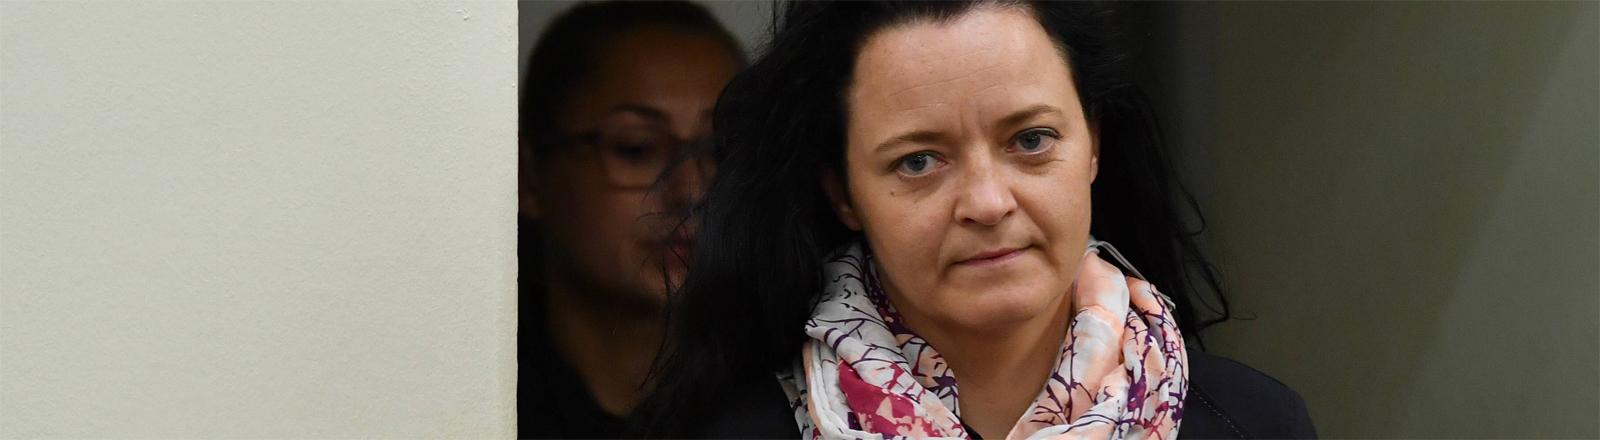 Beate Zschäpe am 5. Juni 2018 im Verhandlungssaal